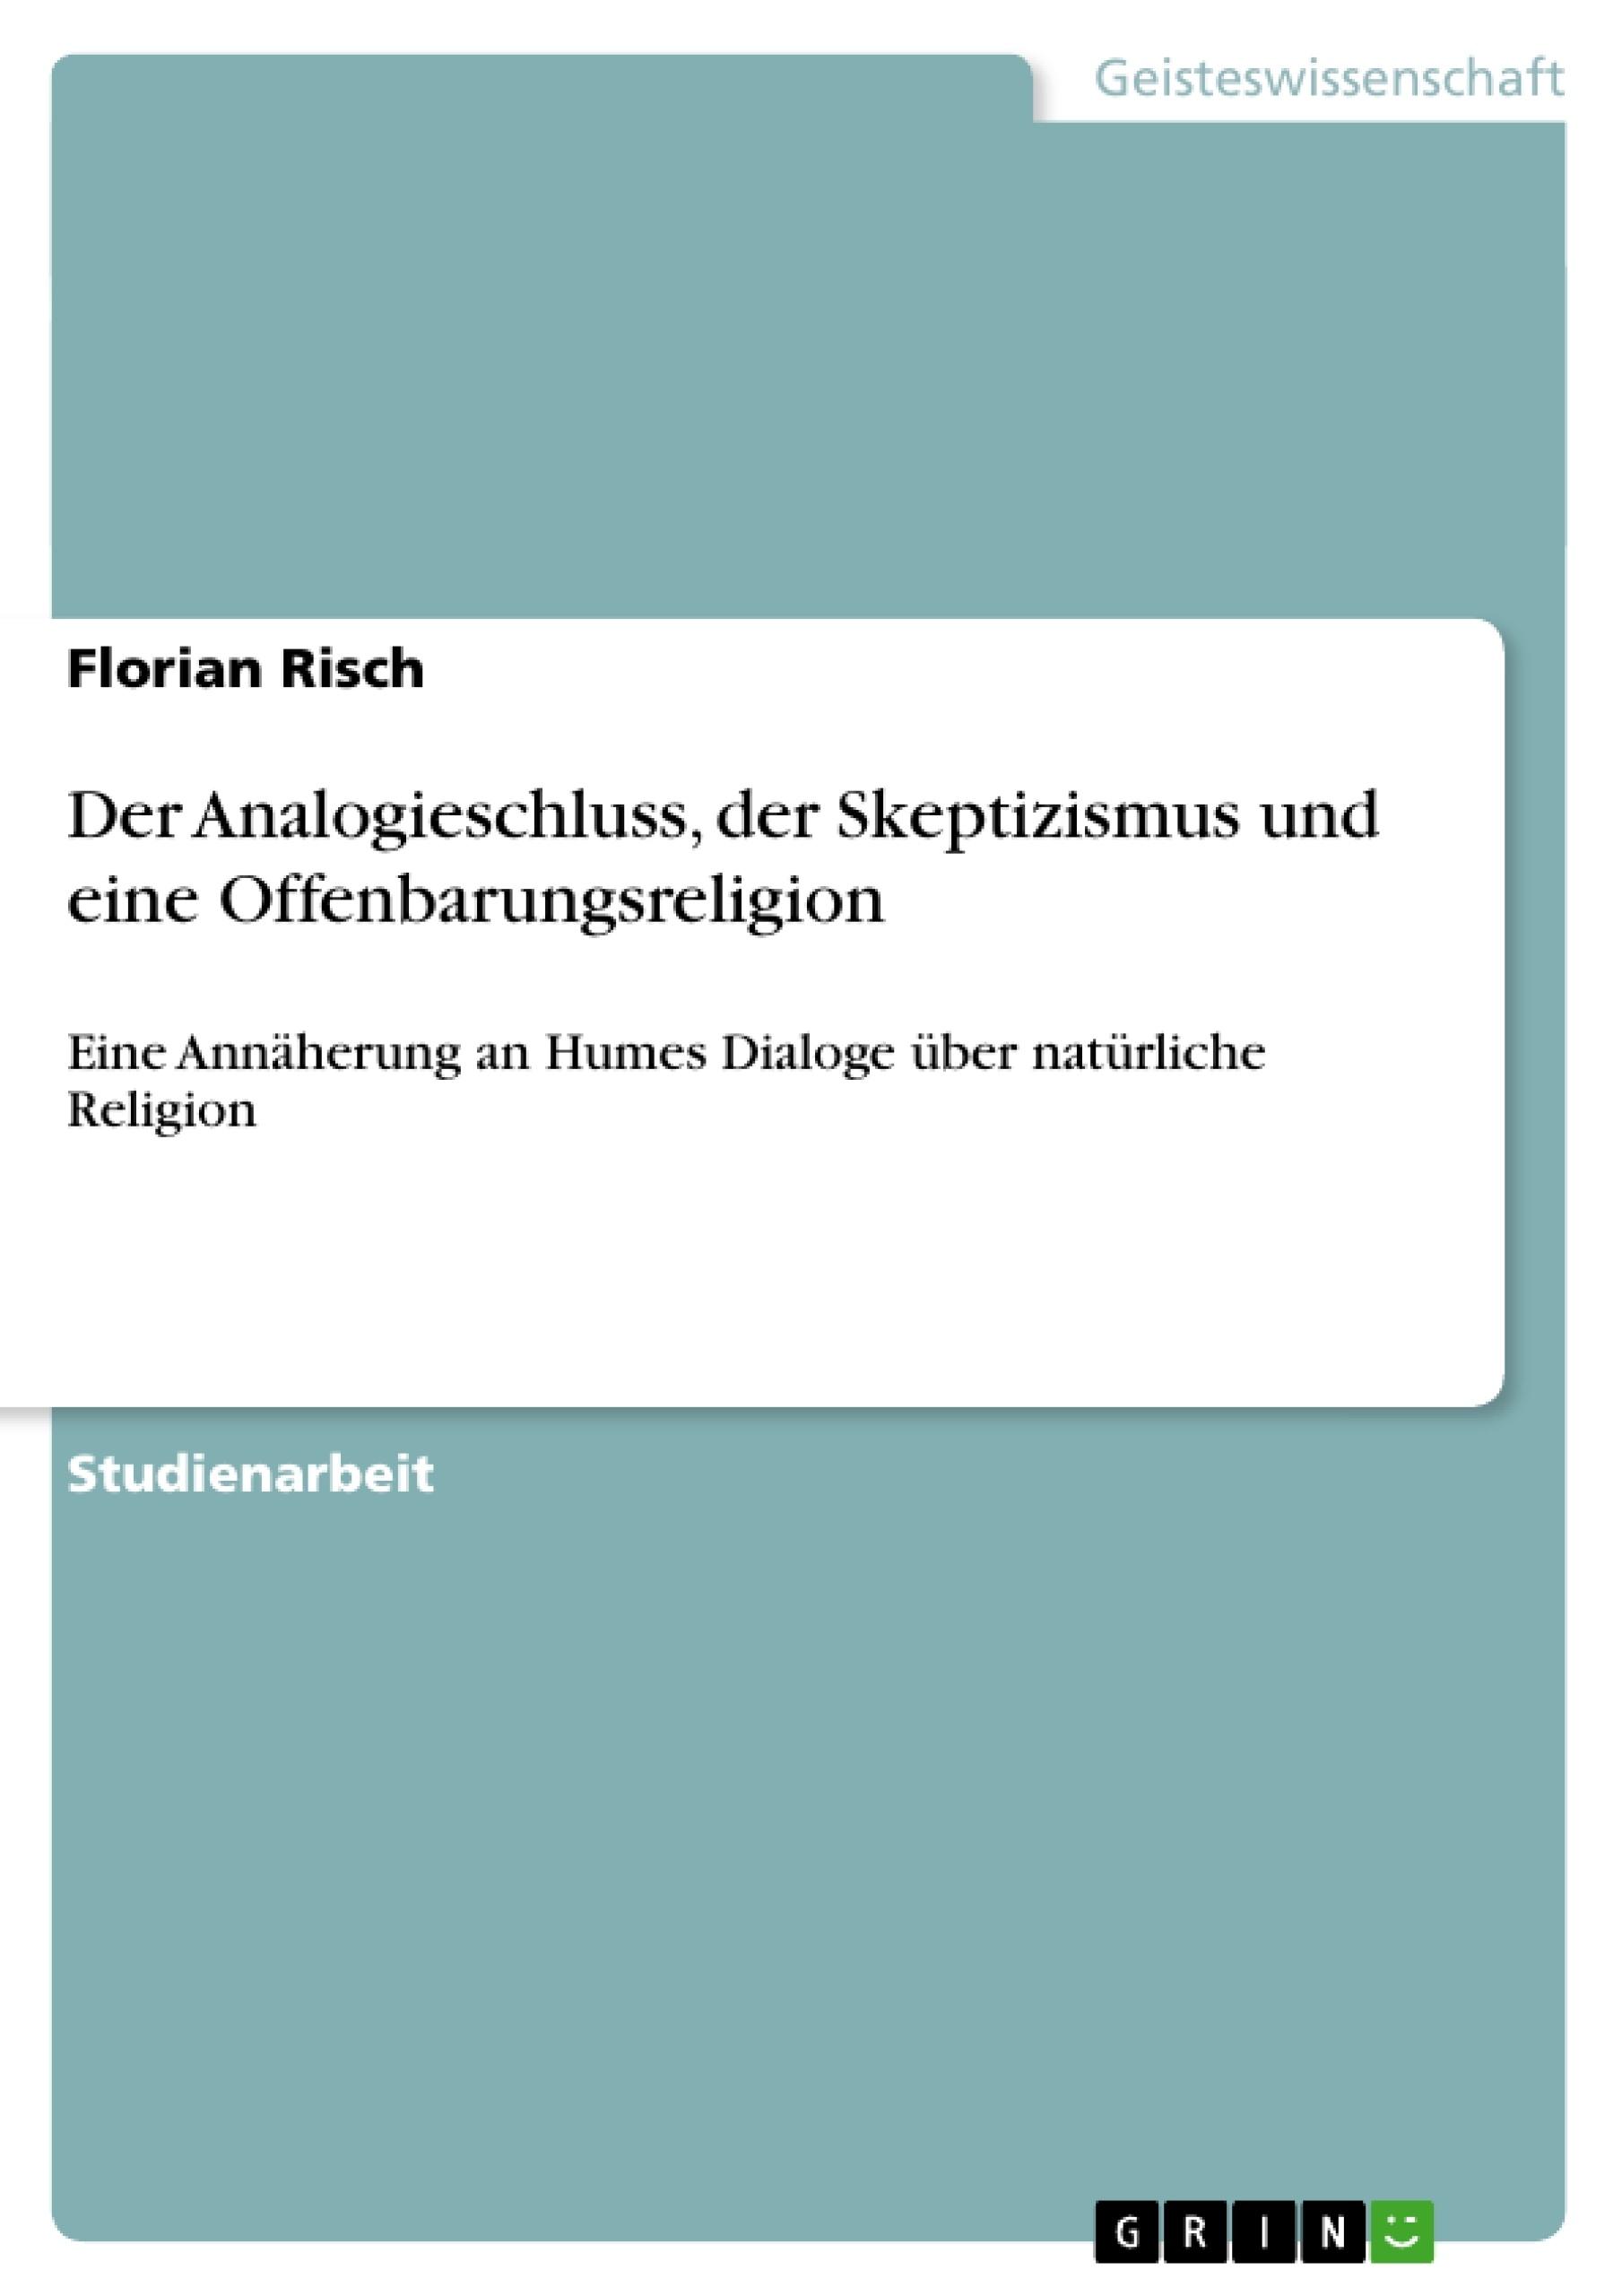 Titel: Der Analogieschluss, der Skeptizismus und eine Offenbarungsreligion